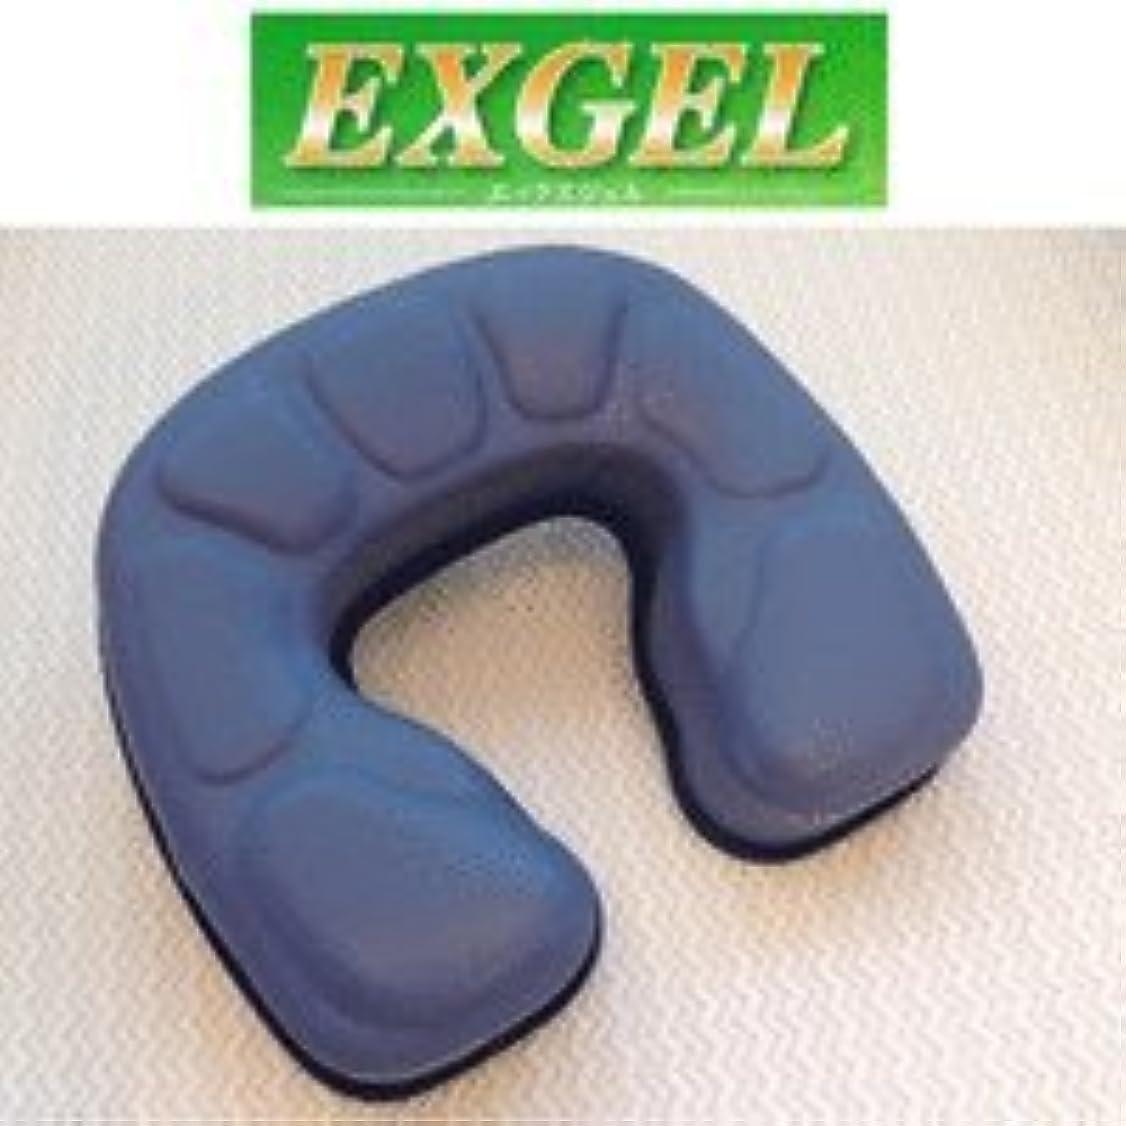 待って見落とす社会科EXGEL(エックスジェル) EXフェイスマット 25×26×6cm (カナケン治療?施術用枕) うつぶせ寝まくら KT-297